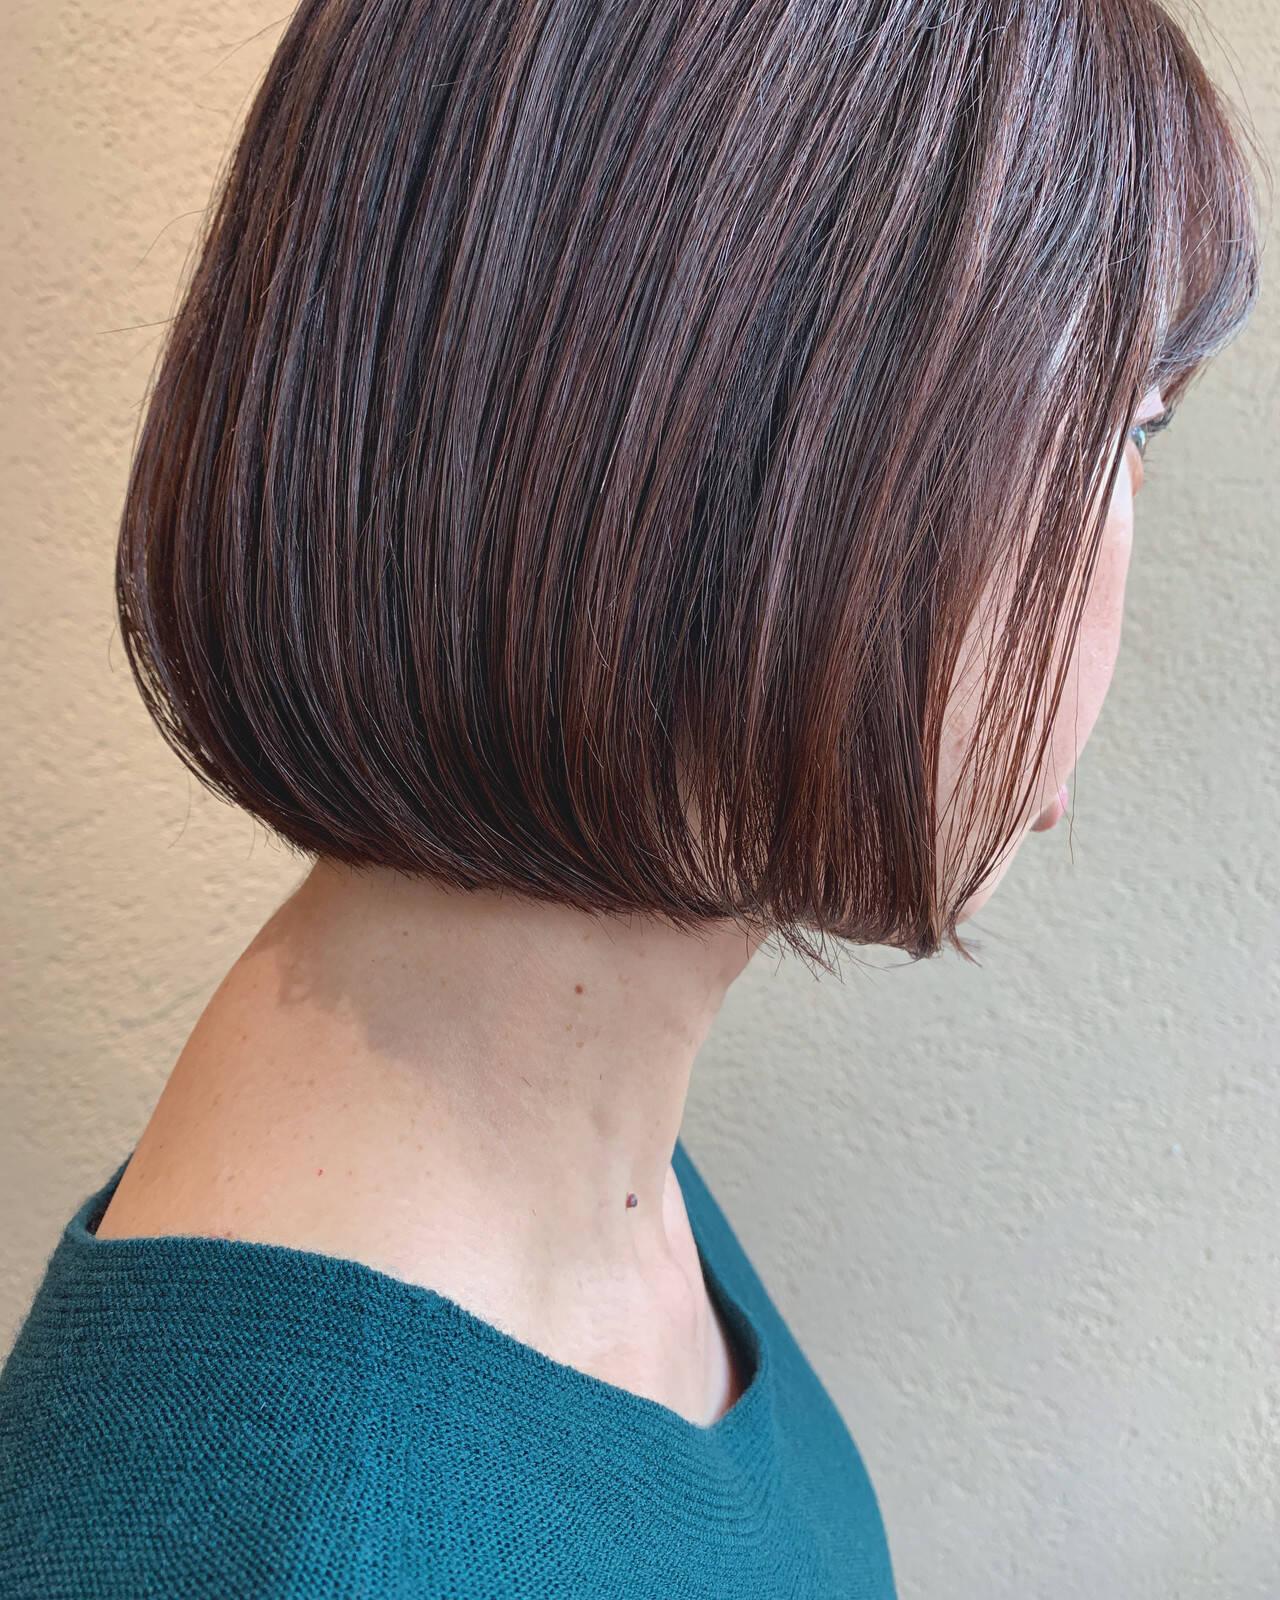 ラベンダーピンク ボブ ナチュラル ピンクラベンダーヘアスタイルや髪型の写真・画像